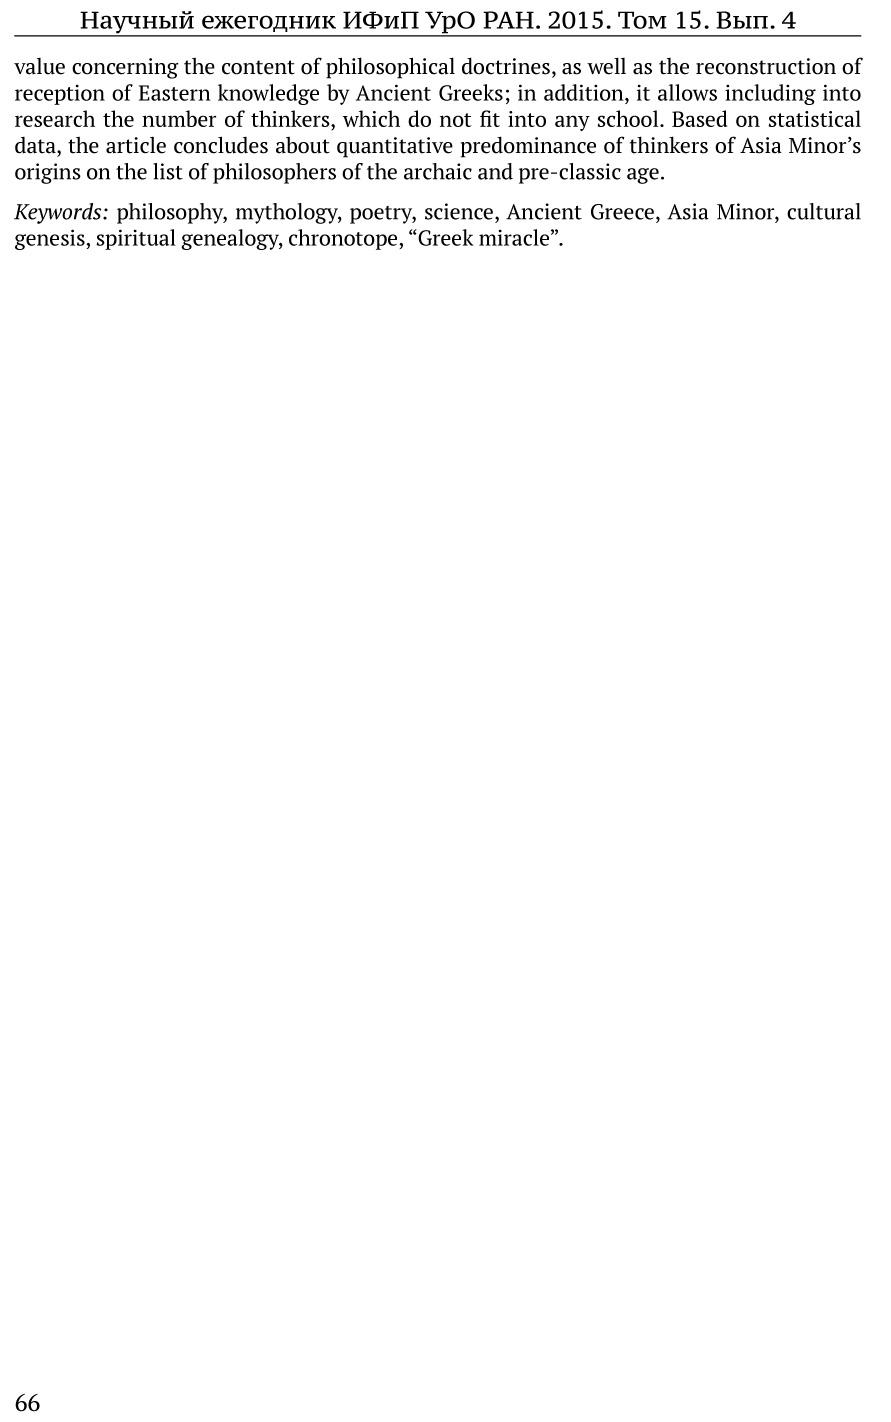 IPL_2015_4_p41-66-26